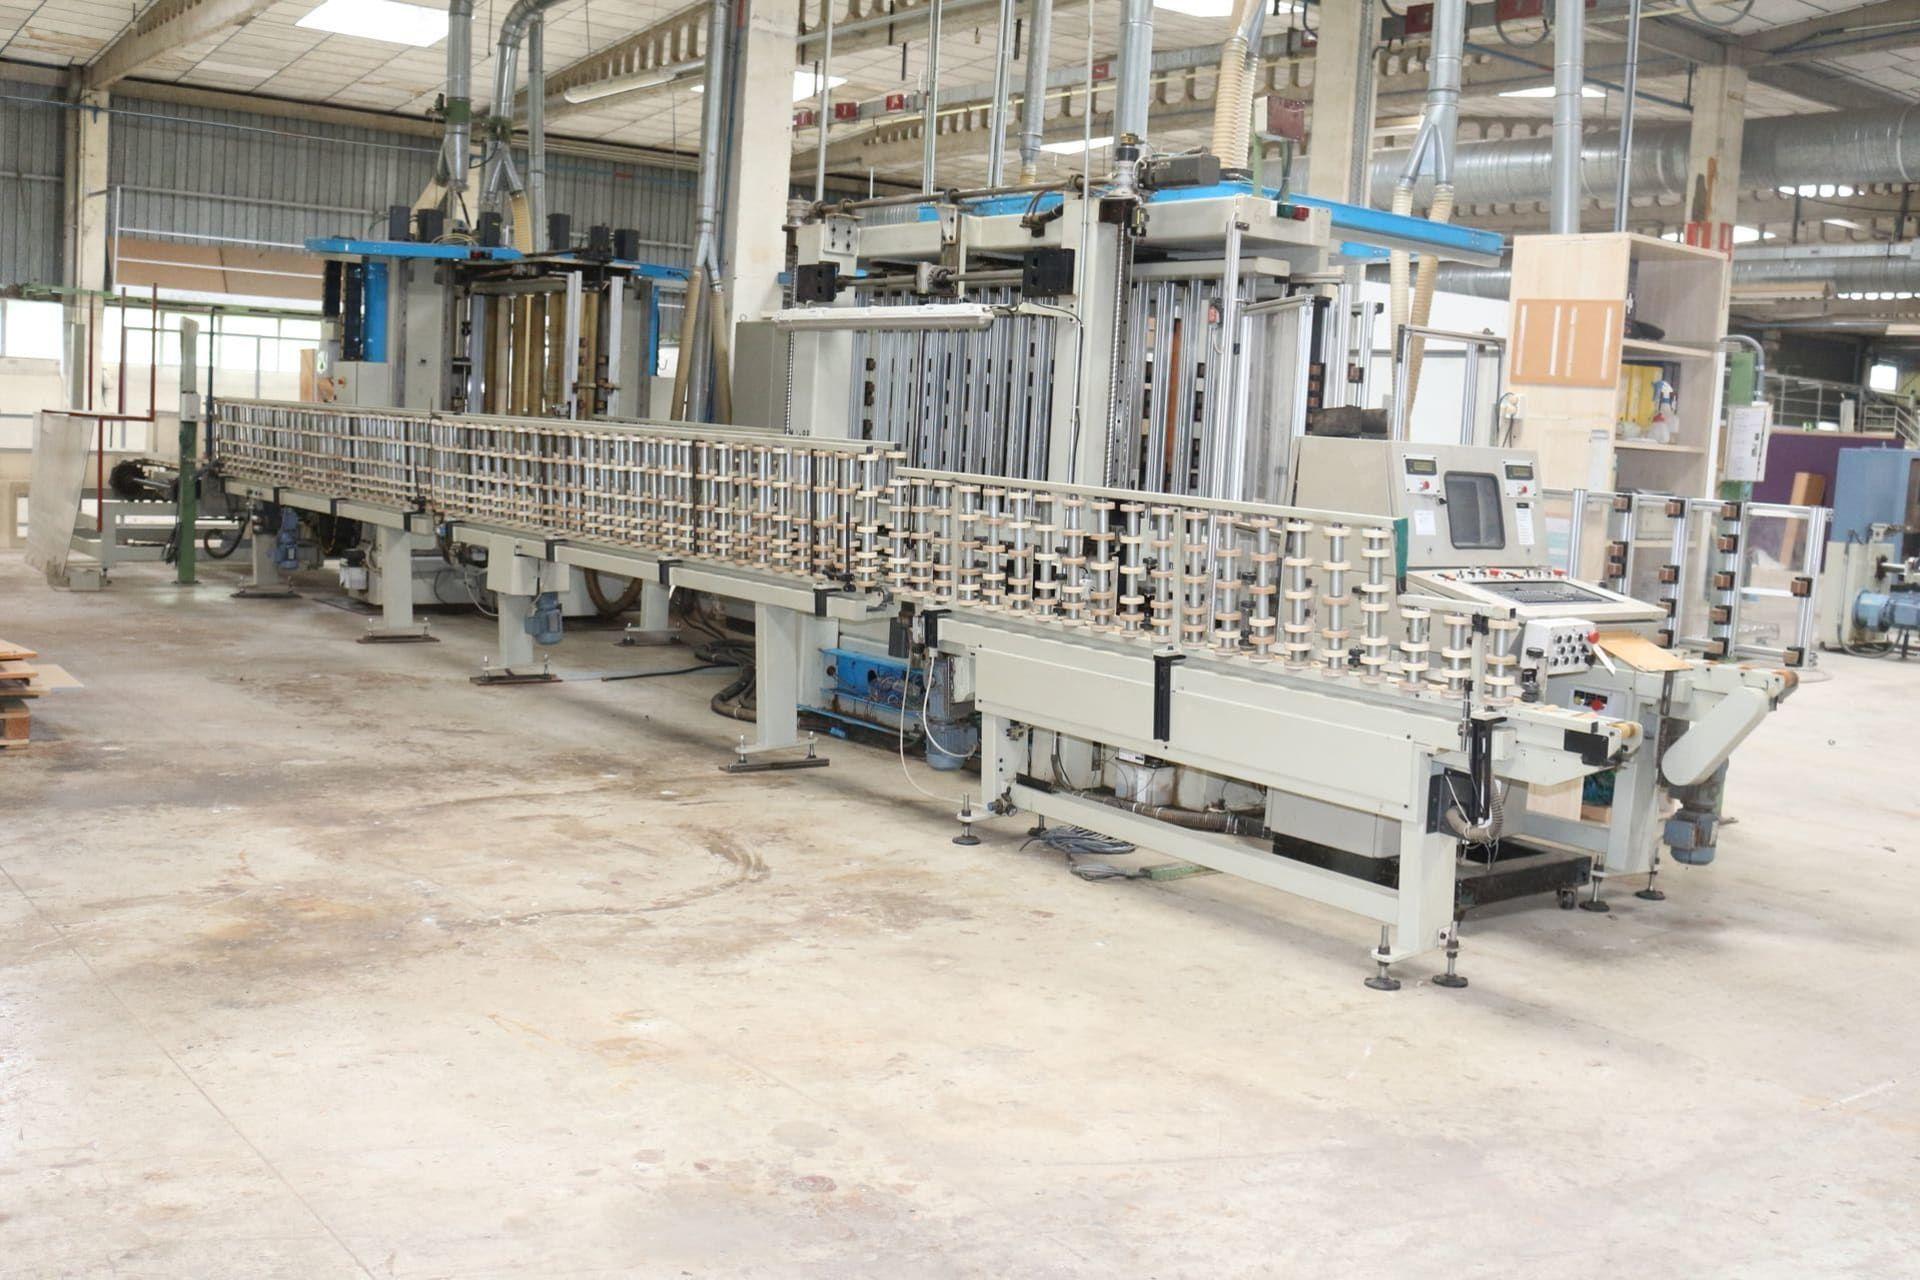 BREMA GLR XL CNC-Vertikal-Bearbeitungszentrum